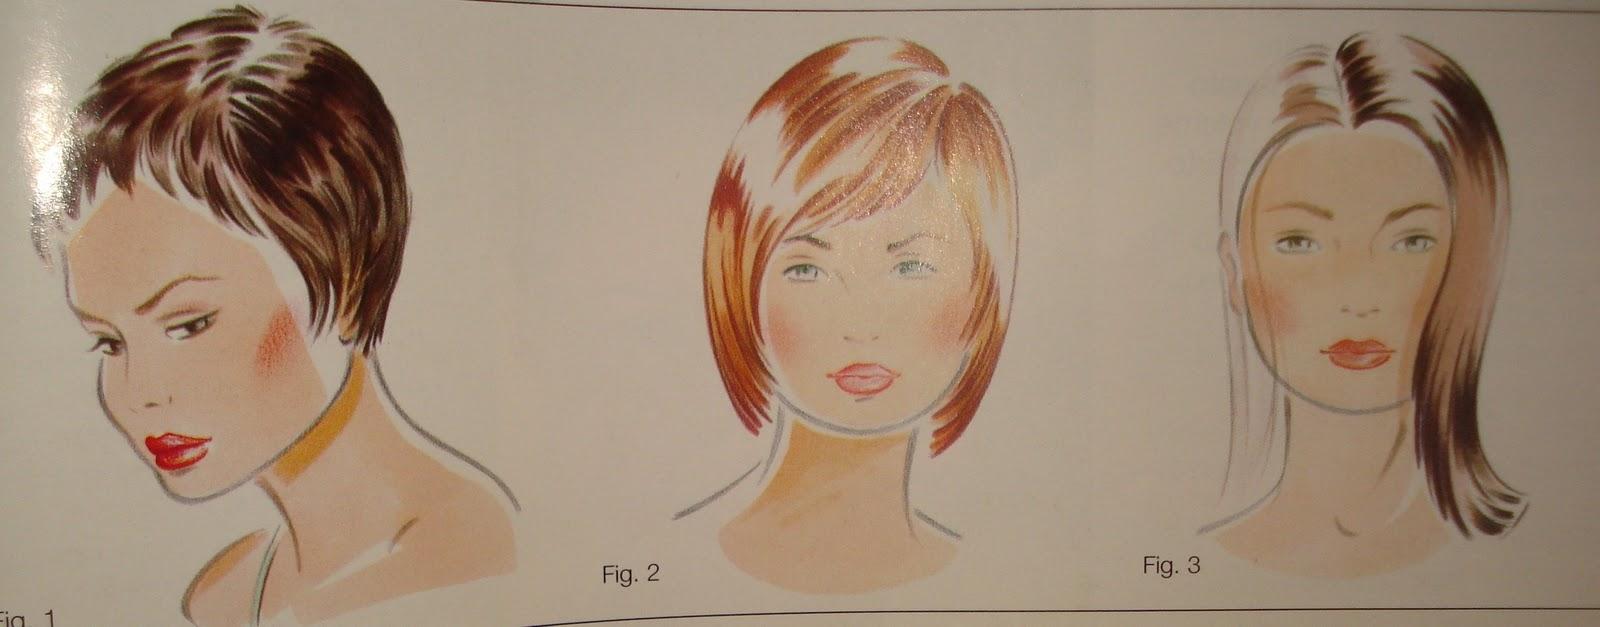 Tagli capelli per viso irregolare